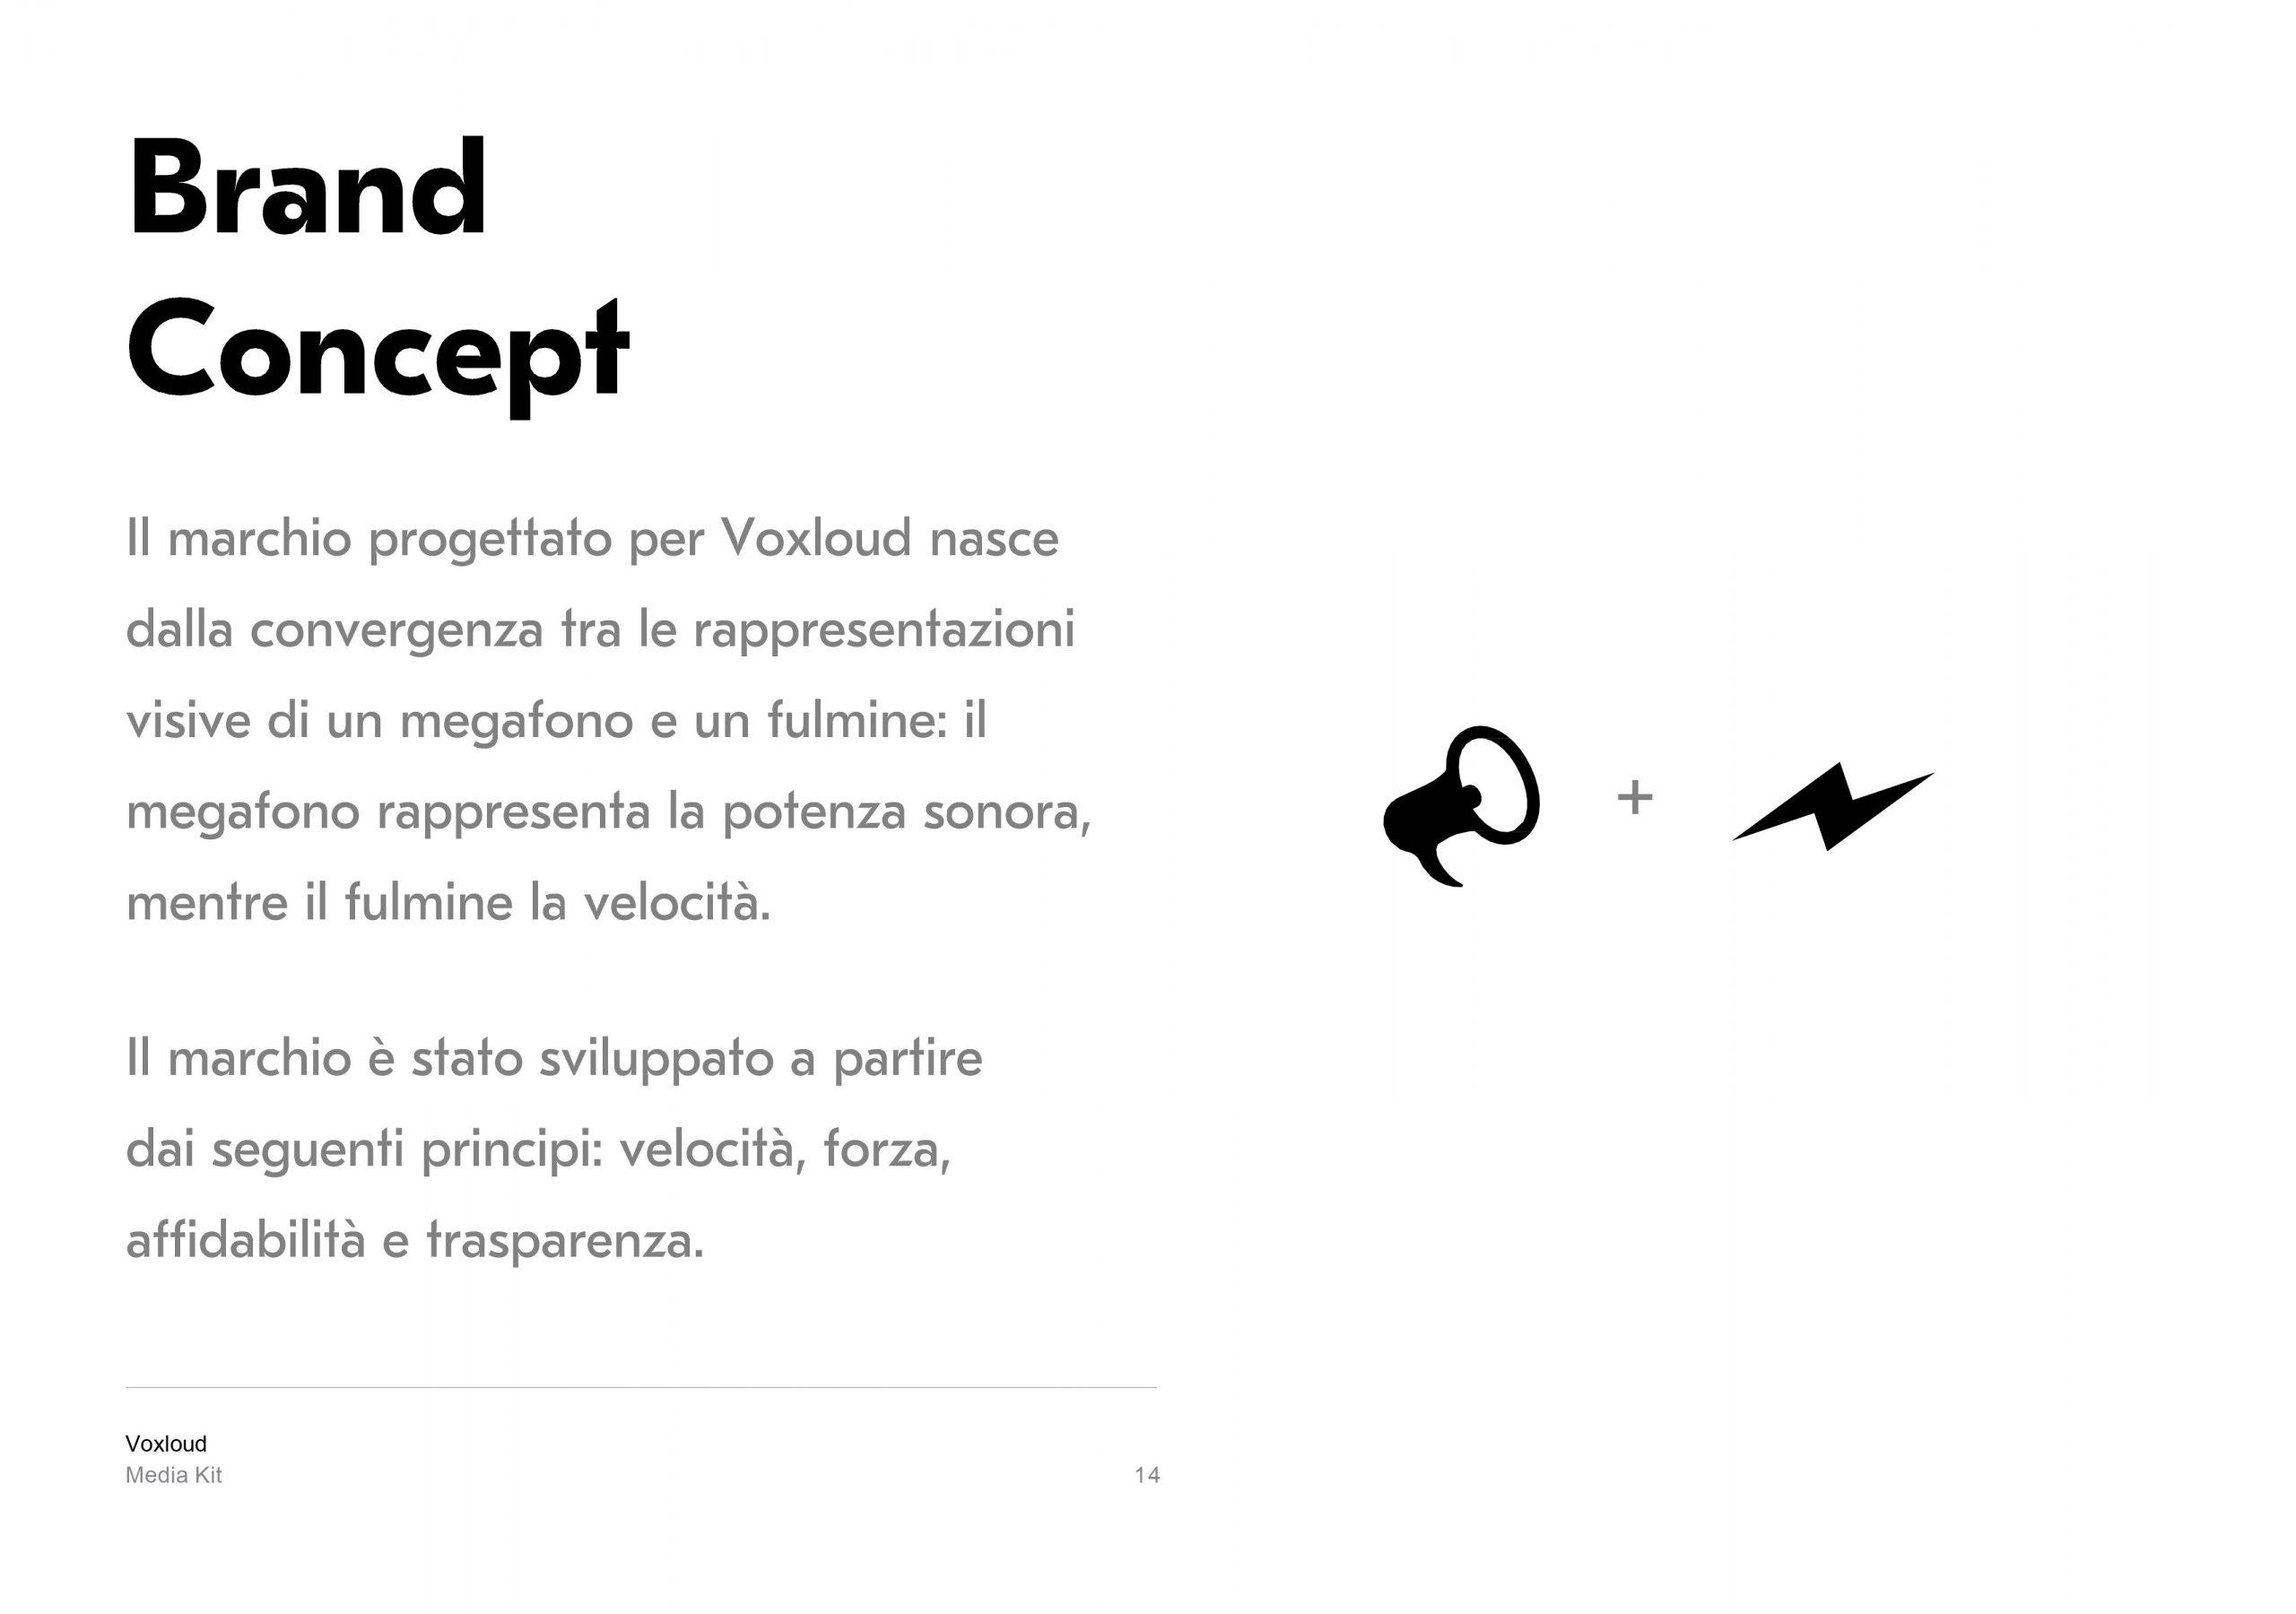 Voxloud Media Kit_IT_14